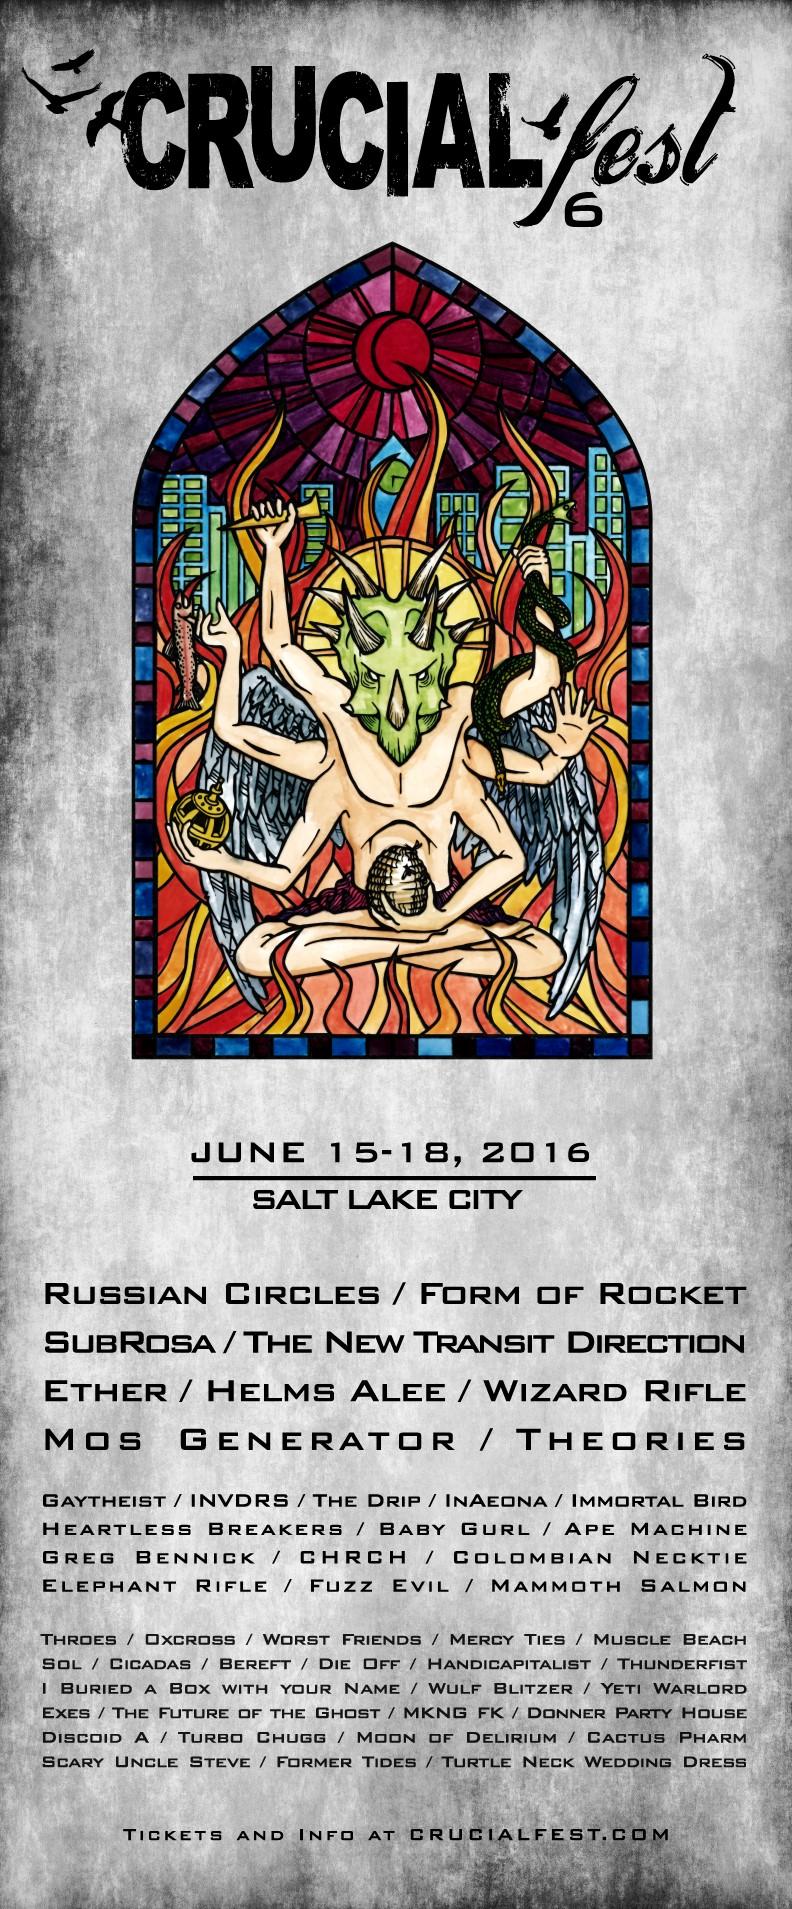 crucialfest 6 poster